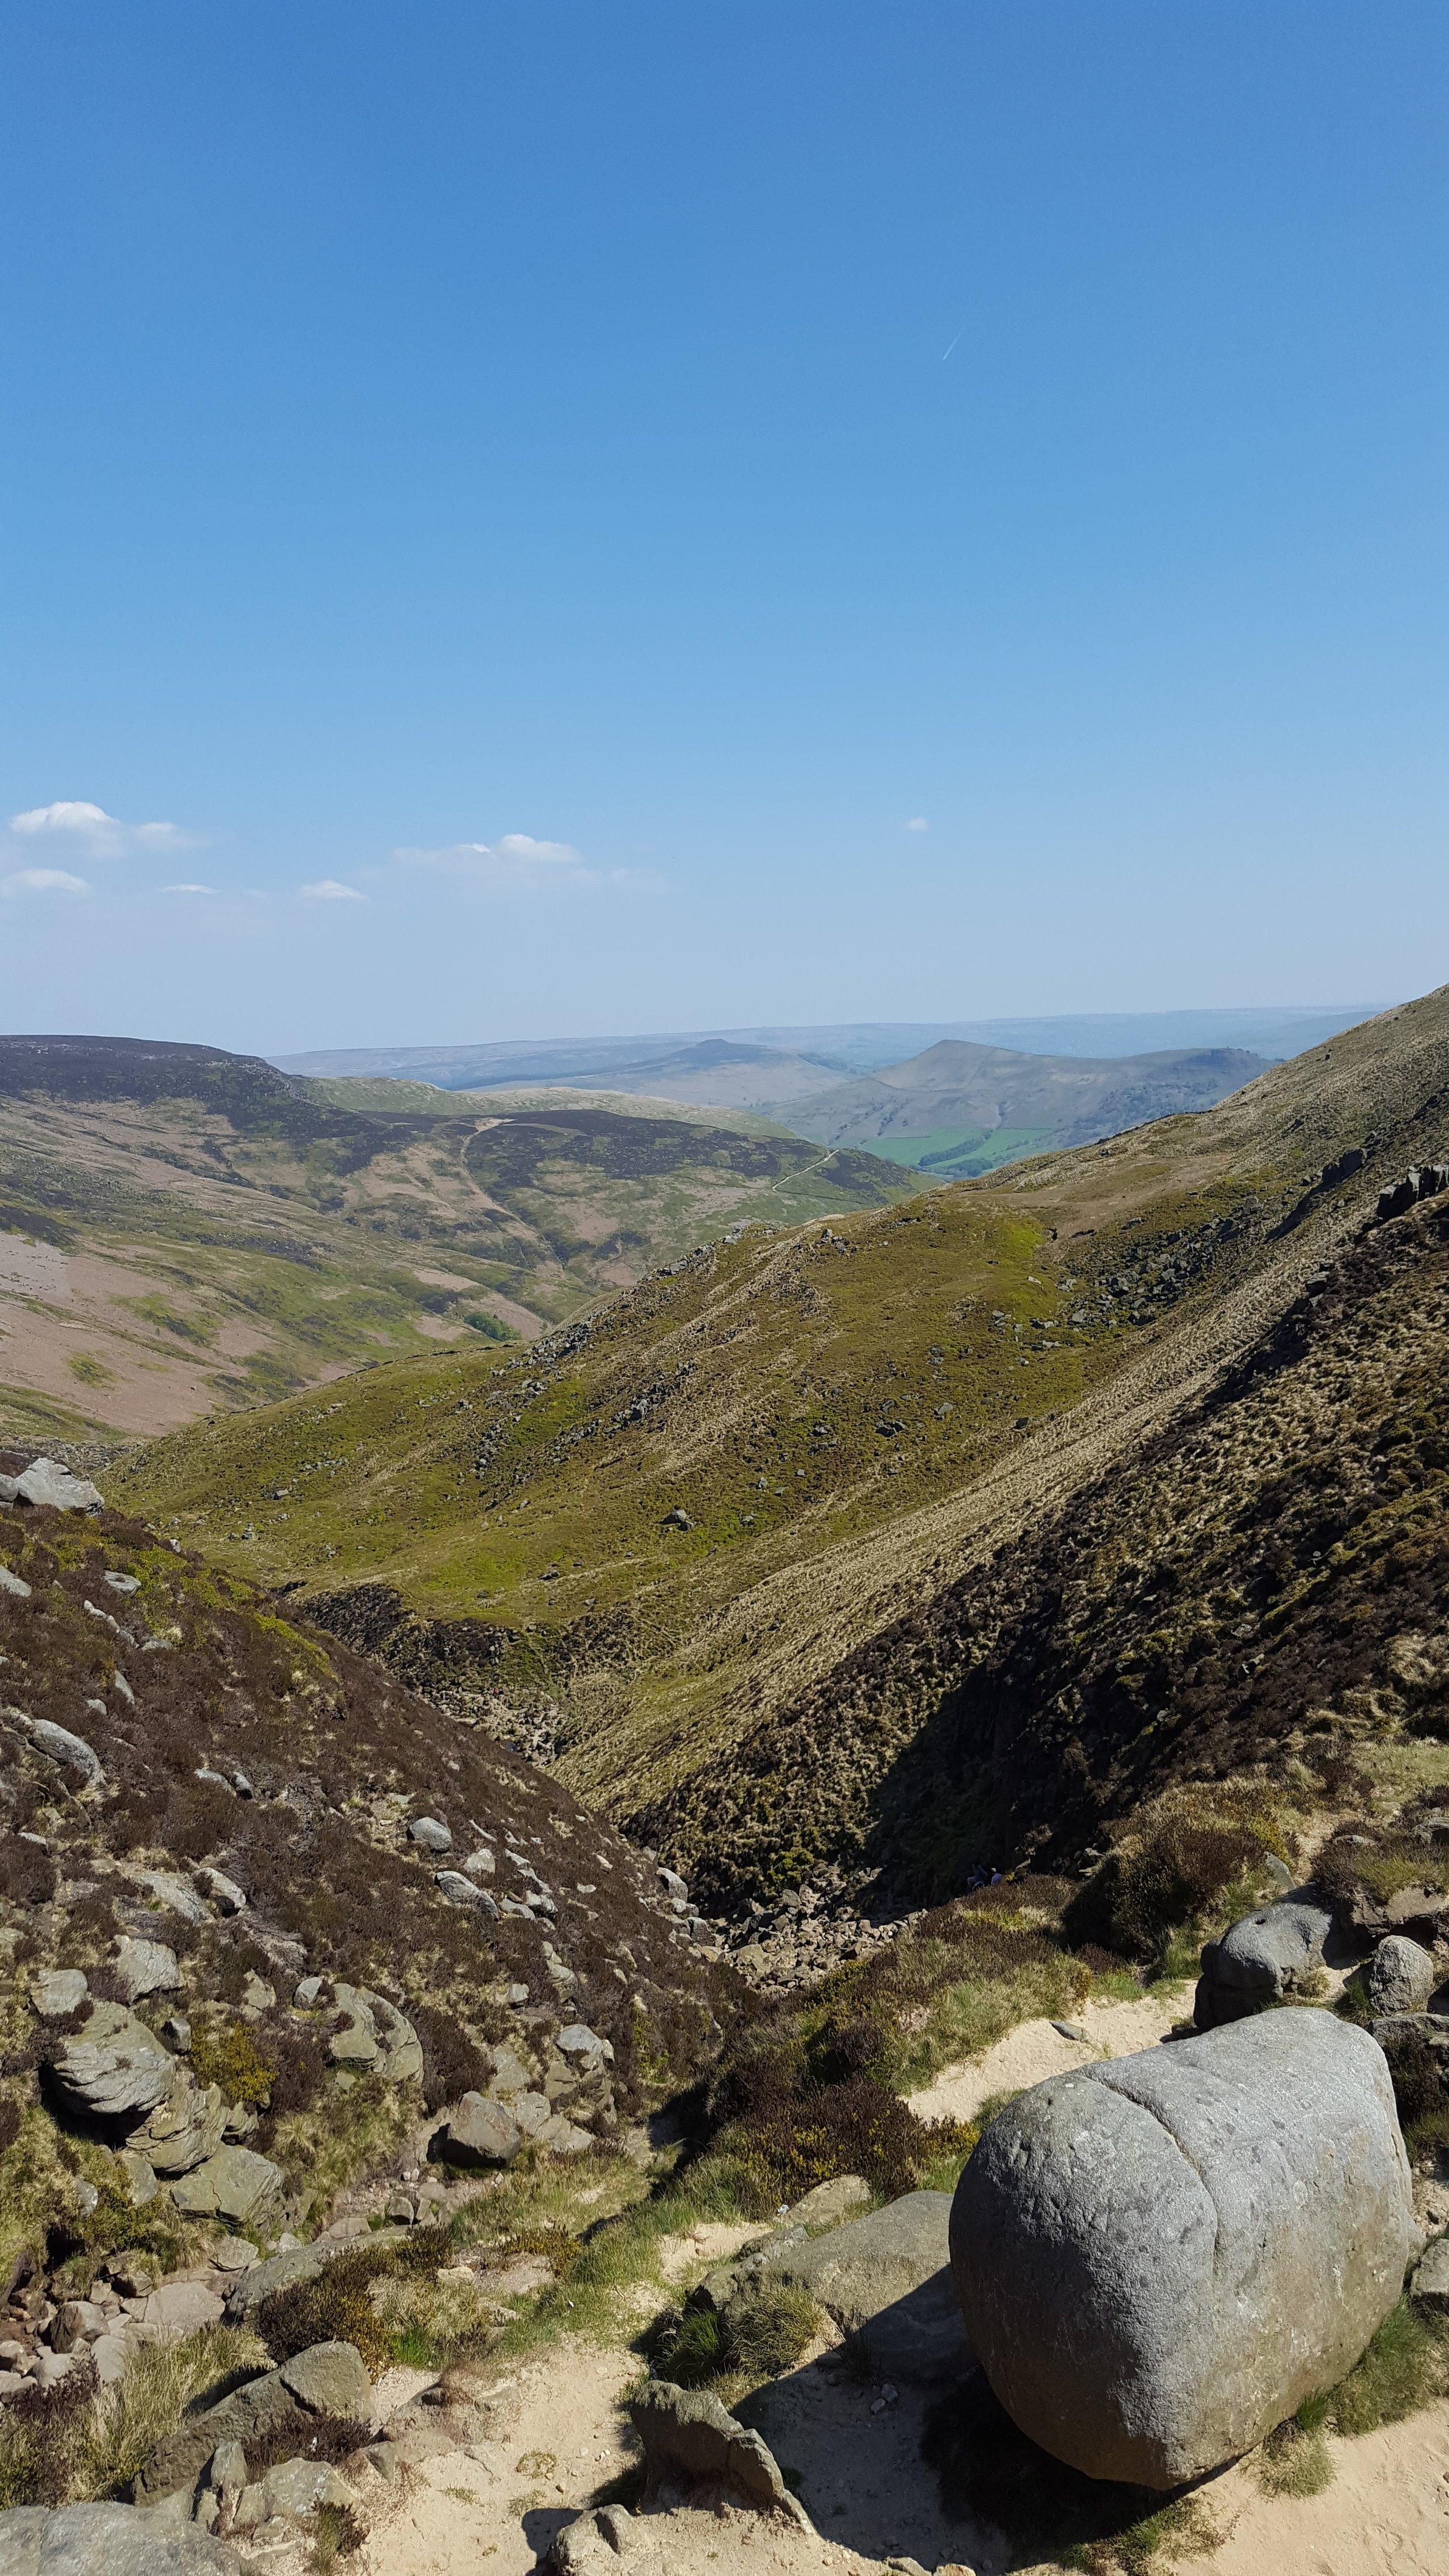 On top of Kinder Edge, Derbyshire